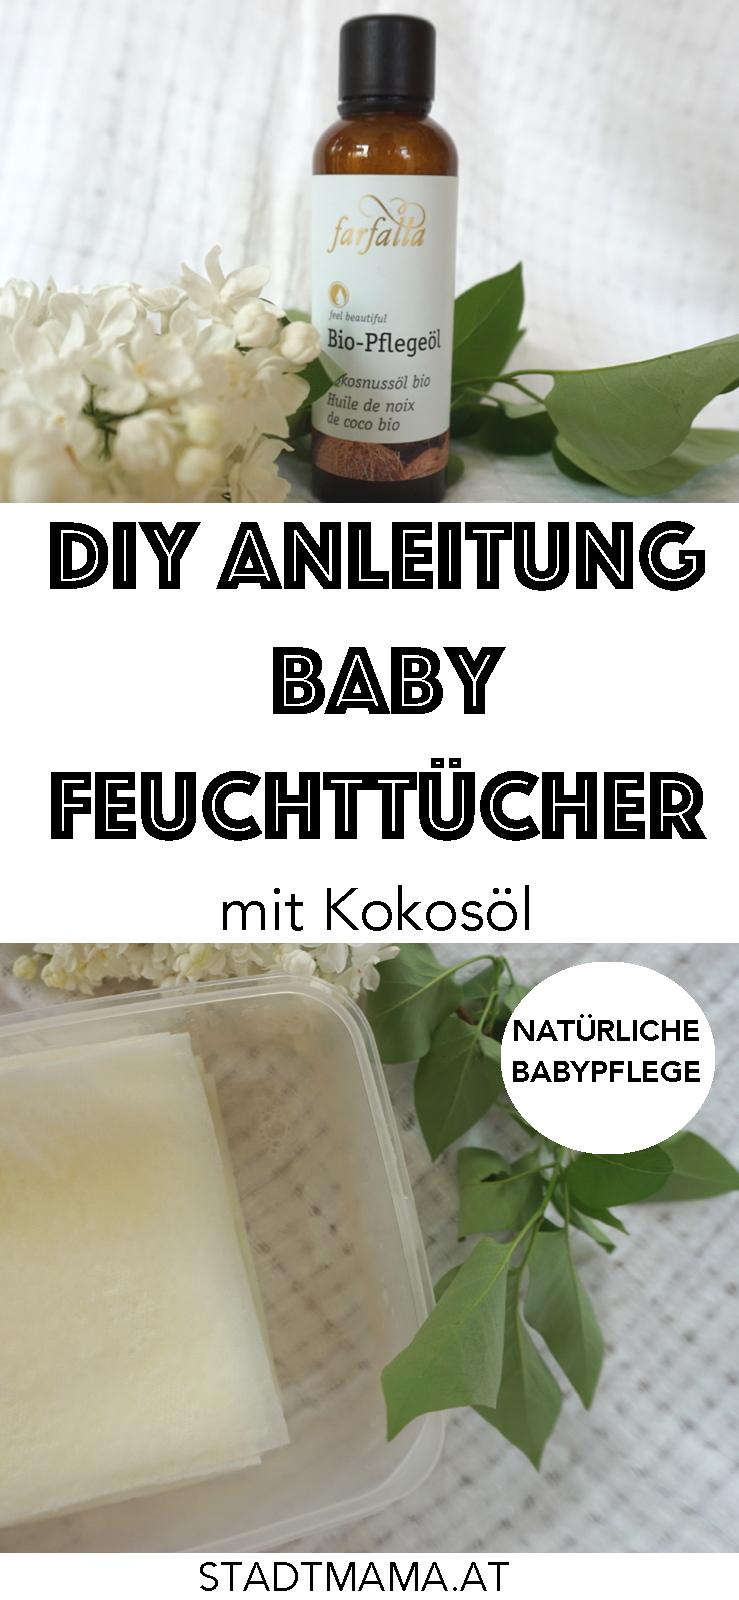 Natürliche Babypflege selber machen: DIY ANleitung für selbstgemachte Baby Feuchttücher mit Kokosöl.